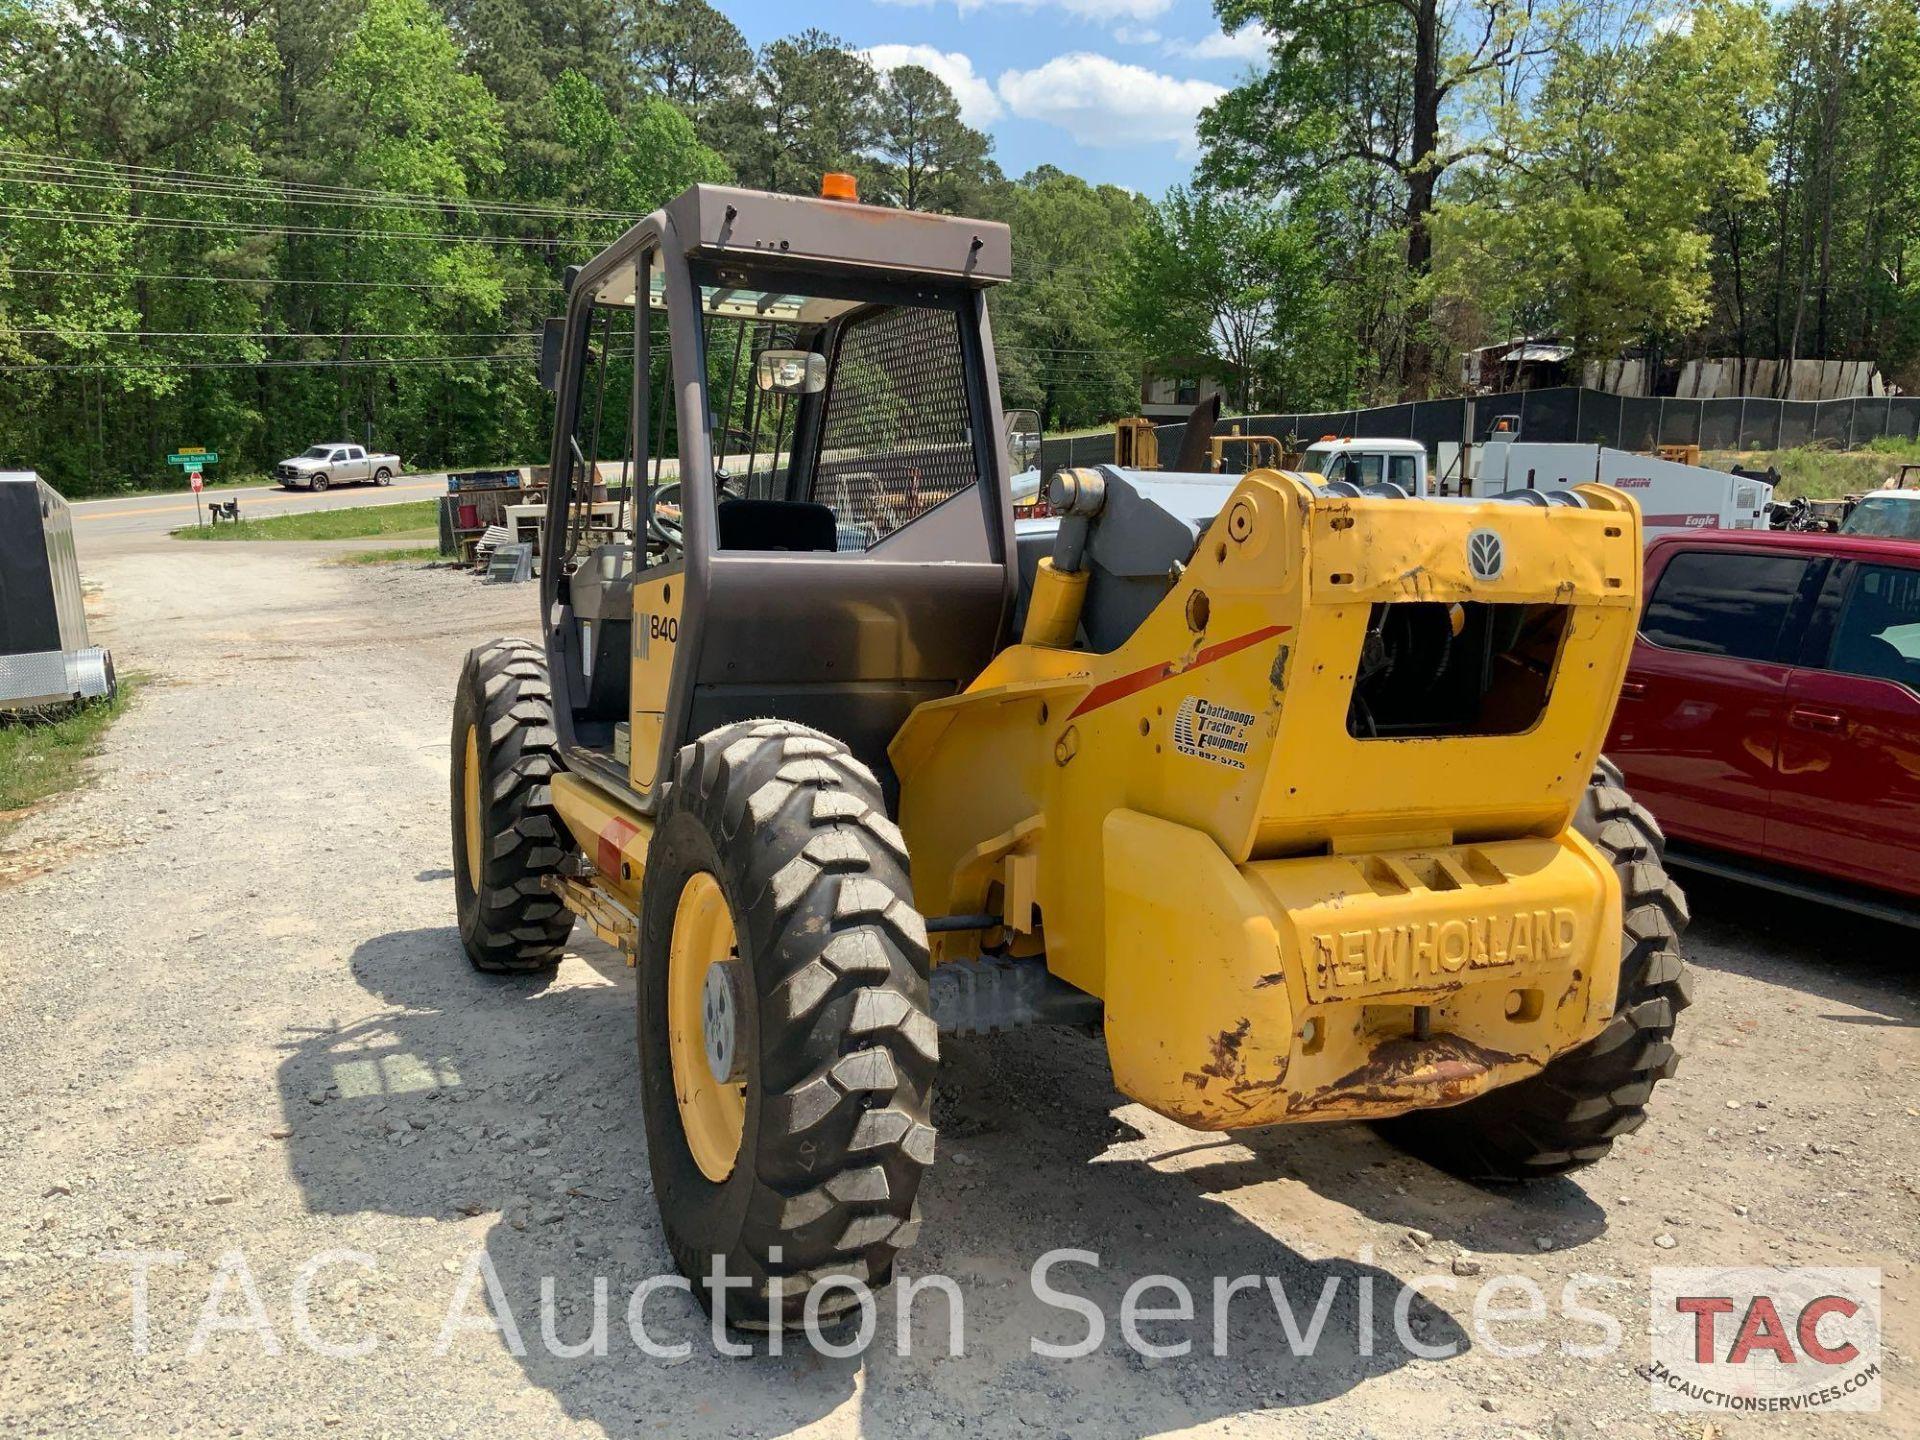 1999 New Holland LM840 Telehandler Forklift - Image 9 of 25